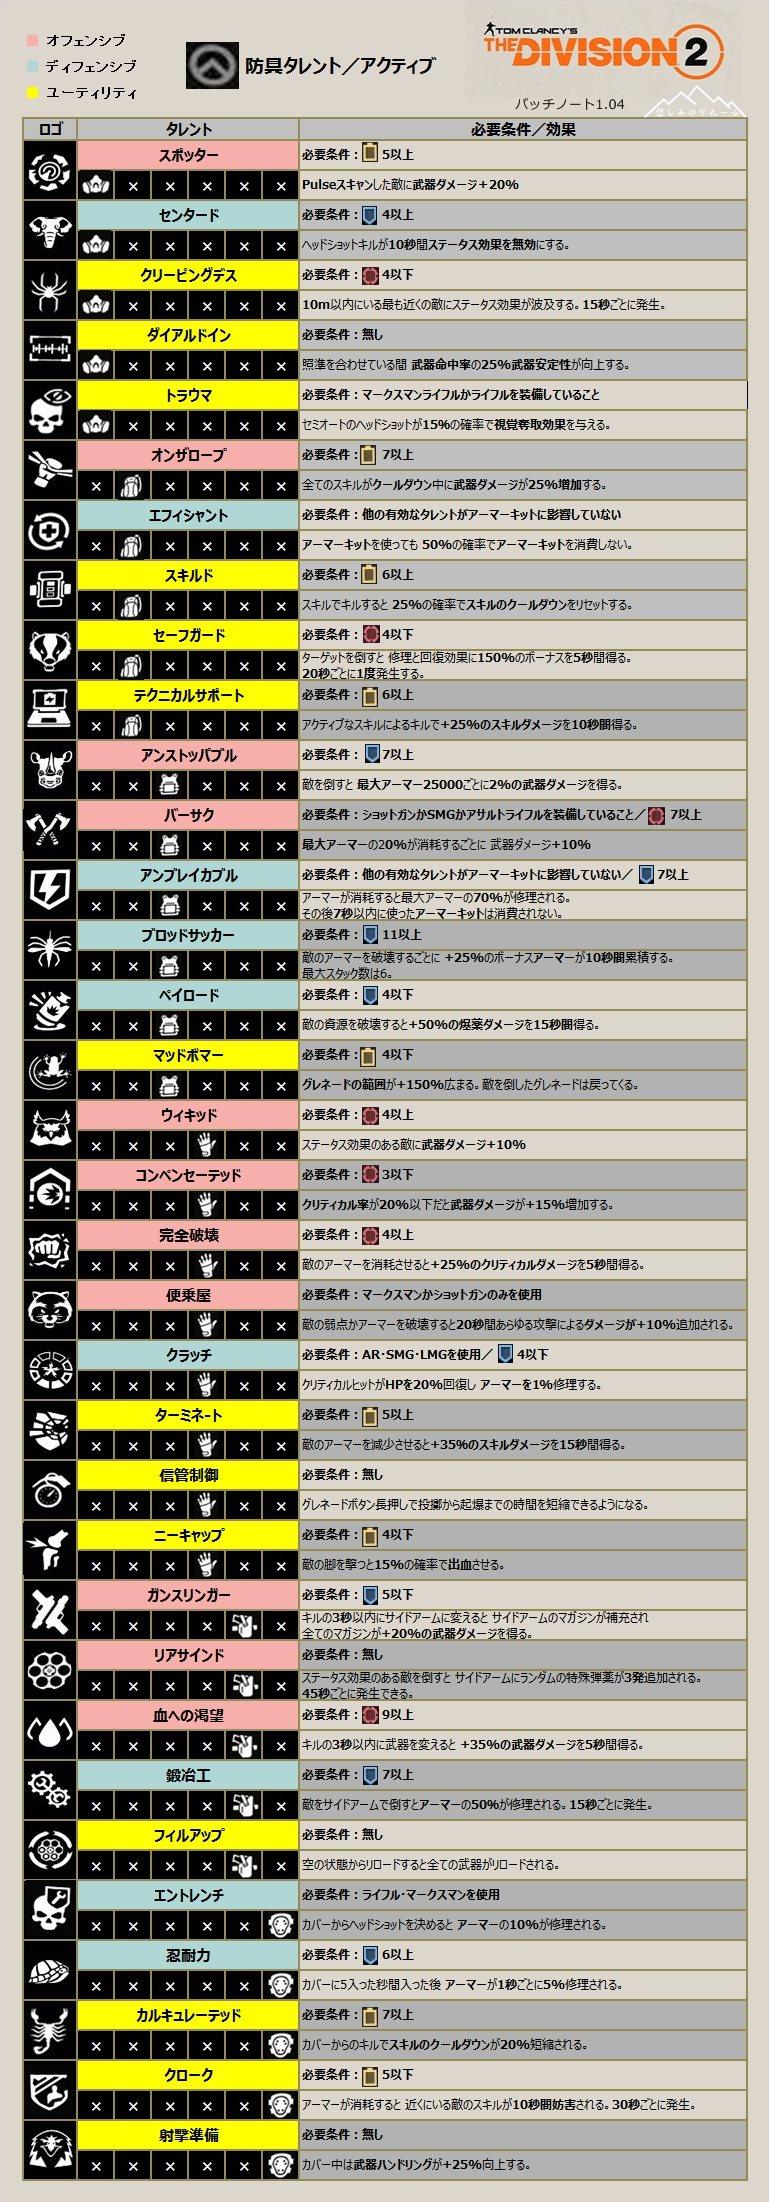 ディビジョン2防具タレントアクティブゲムール1.04